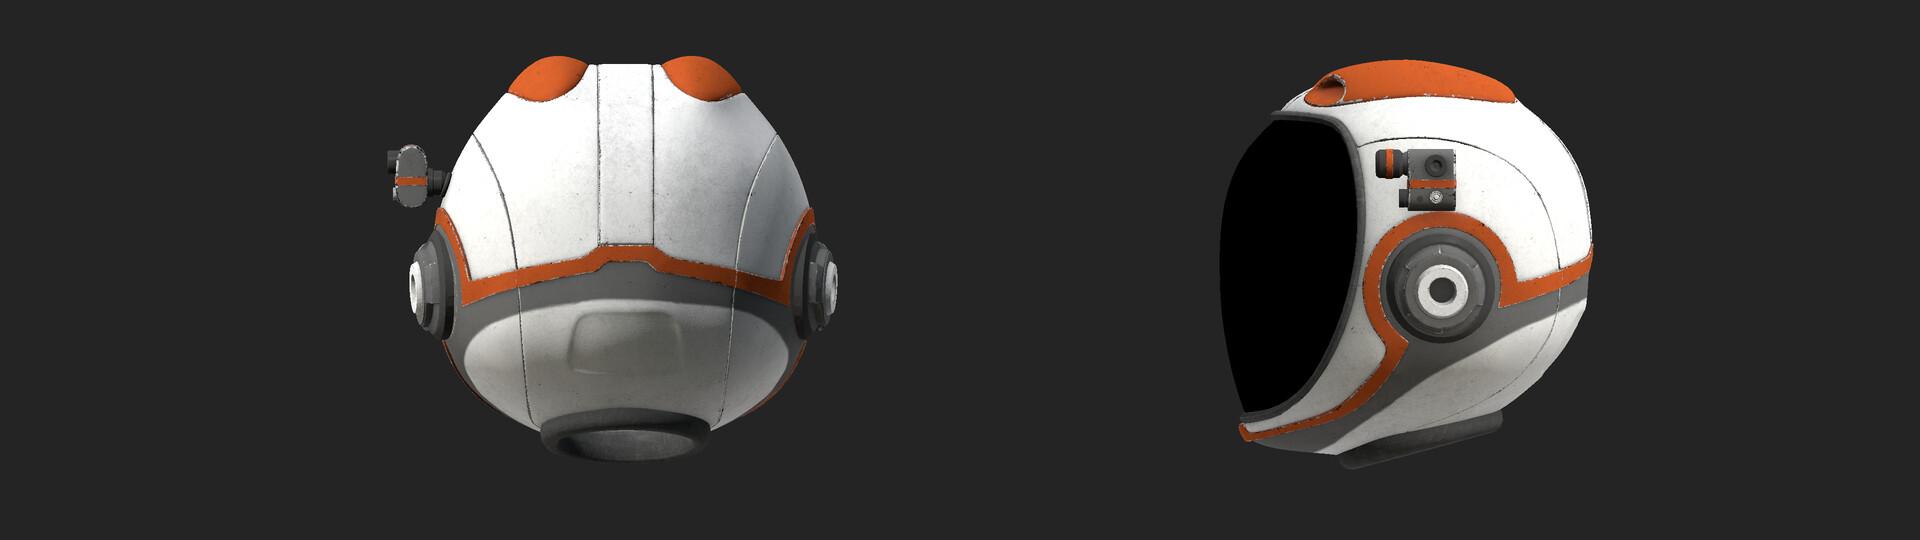 Oscar trejo texture helmet